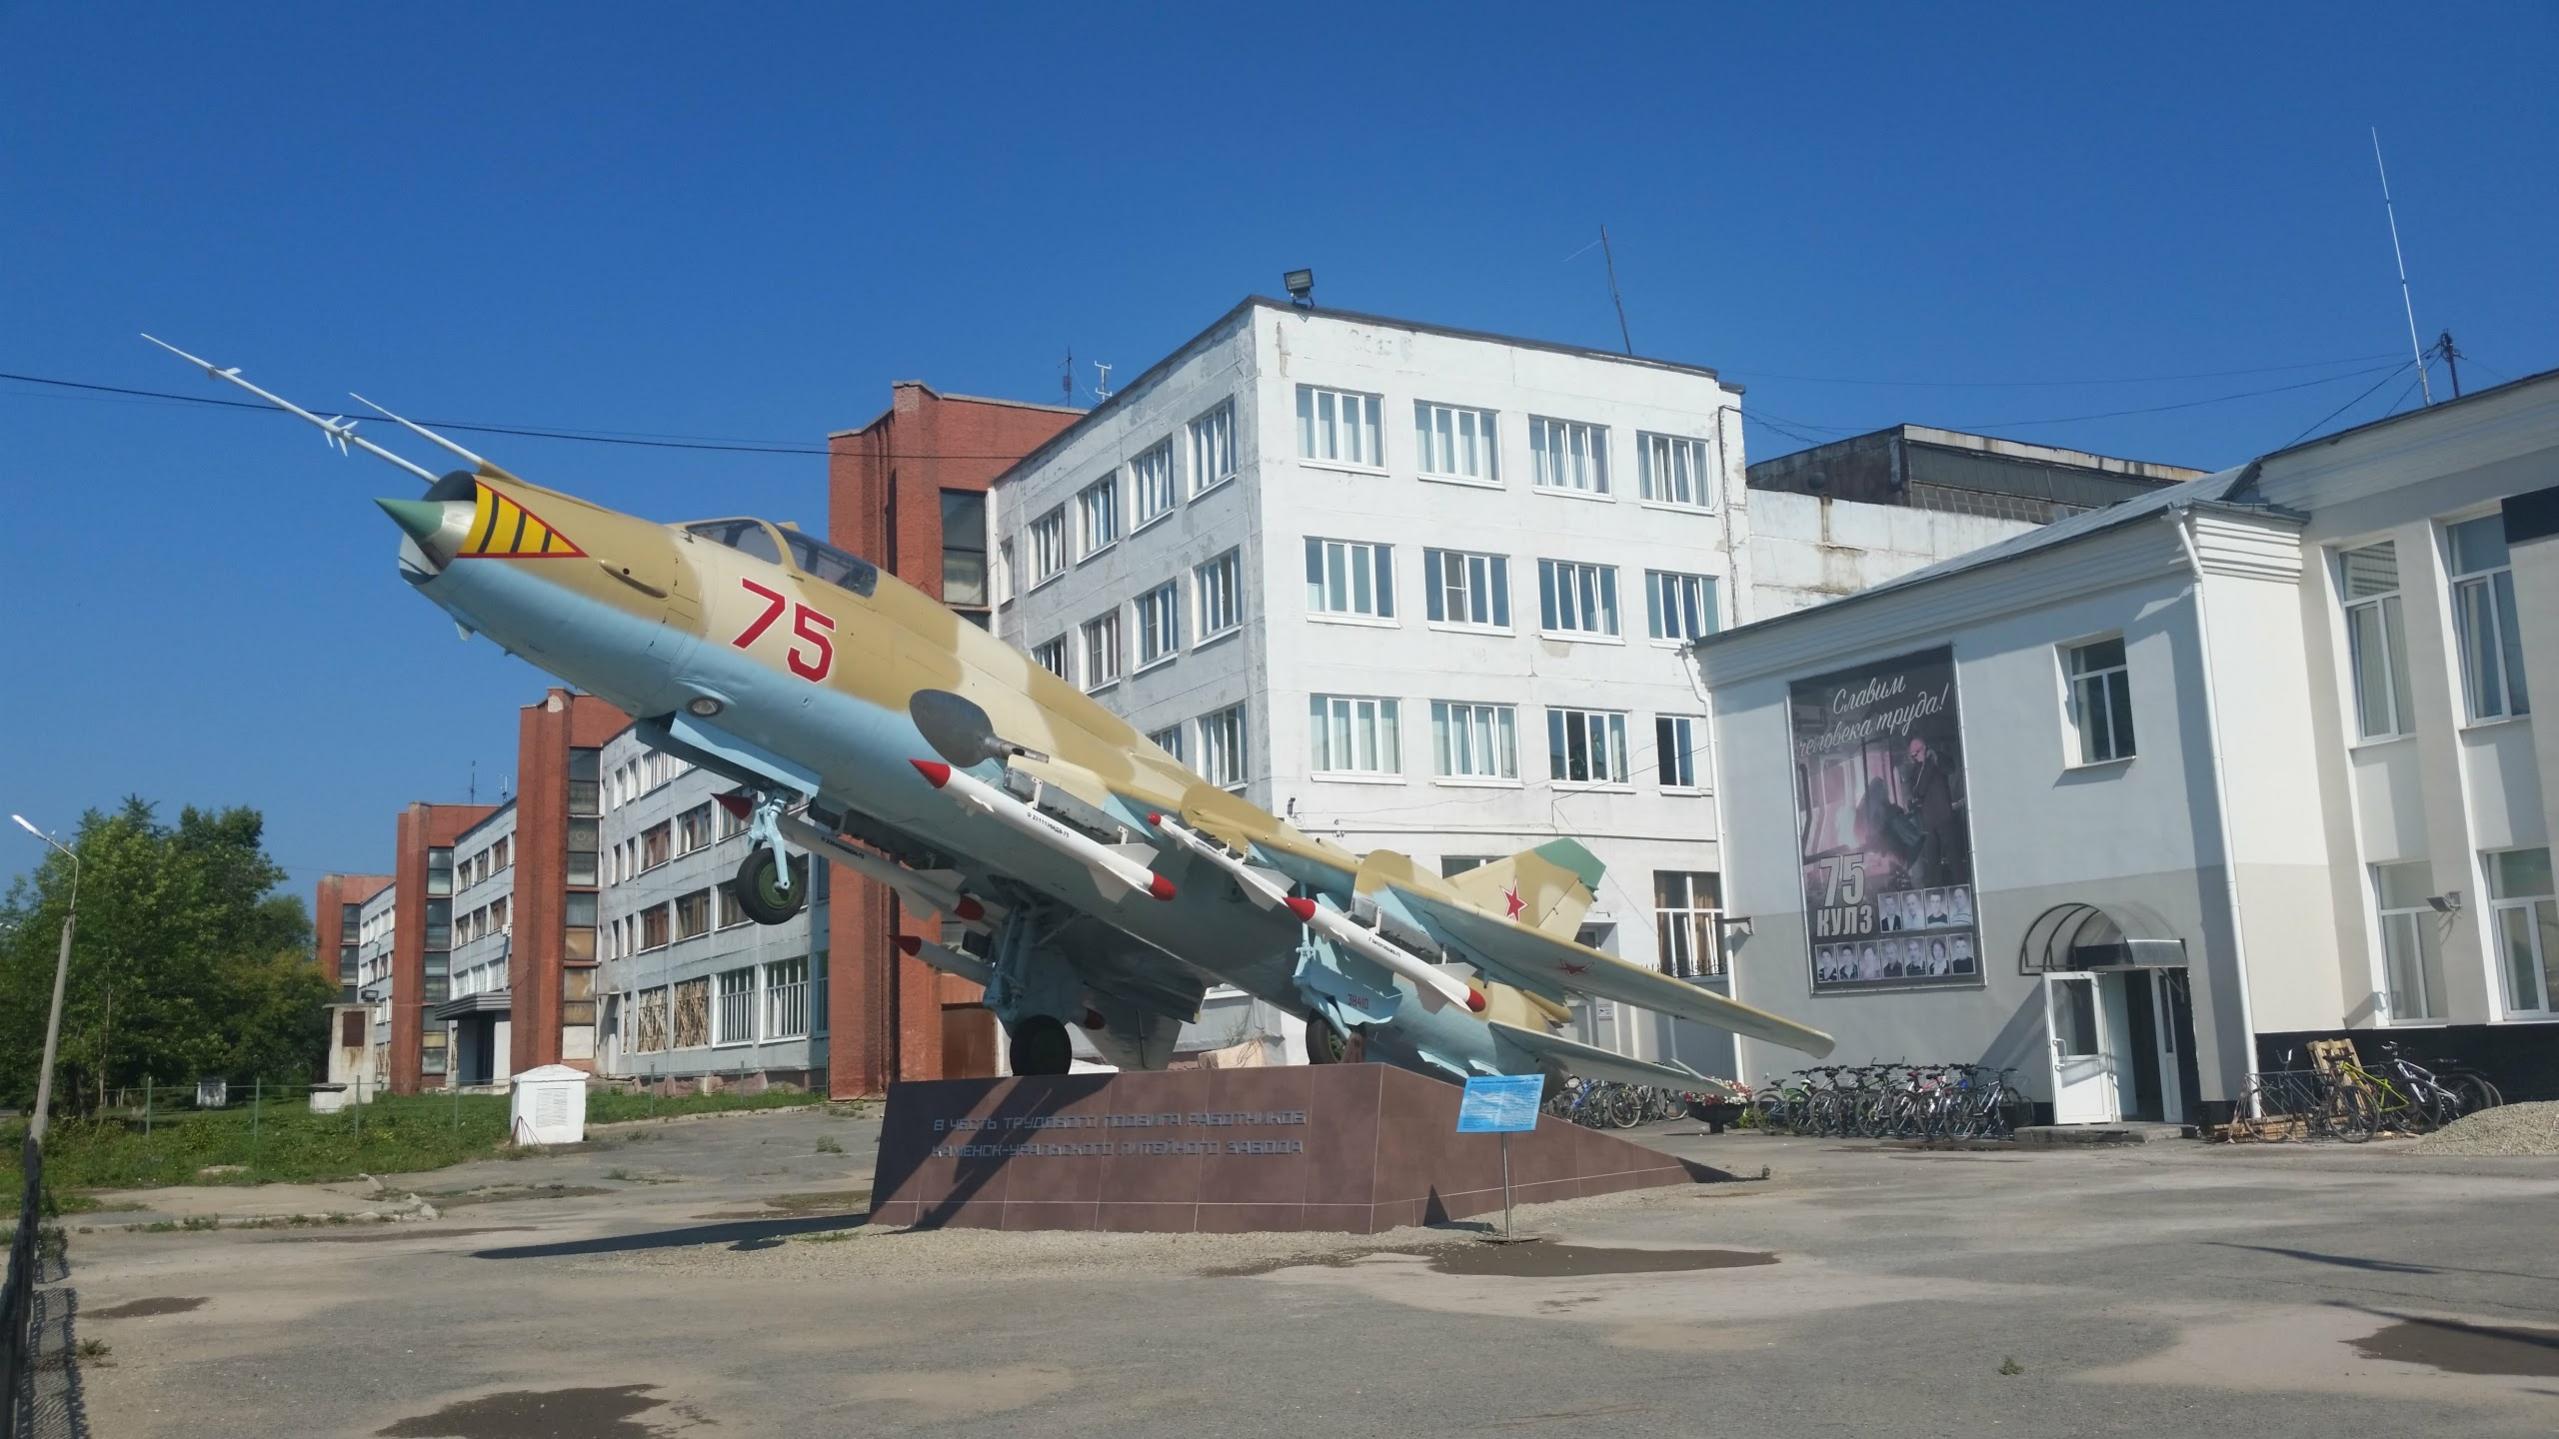 Naam: Su 17 - Kamensk-Uralski.jpg Bekeken: 337 Grootte: 330,0 KB